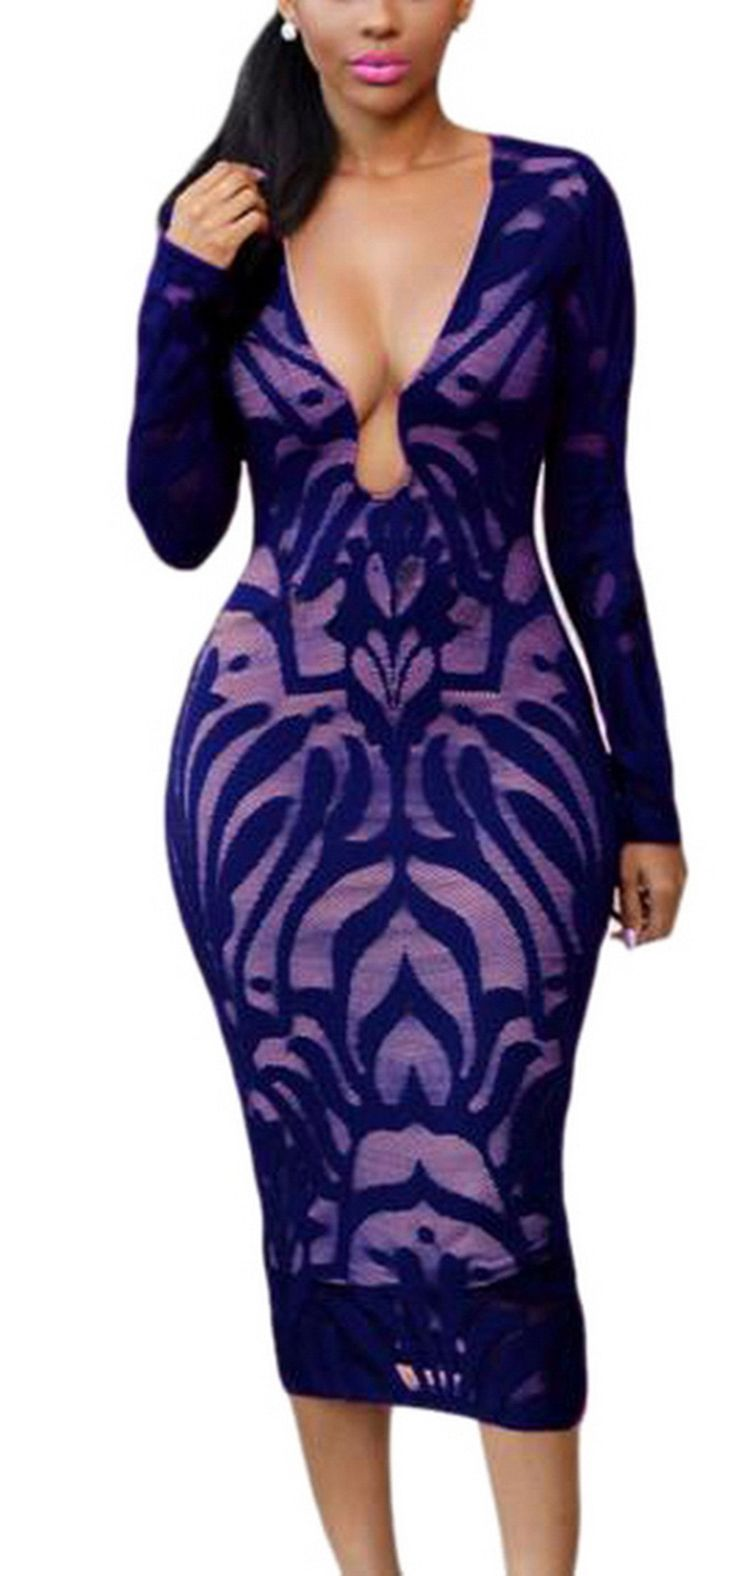 best fashion images on pinterest amazon bcbgeneration and